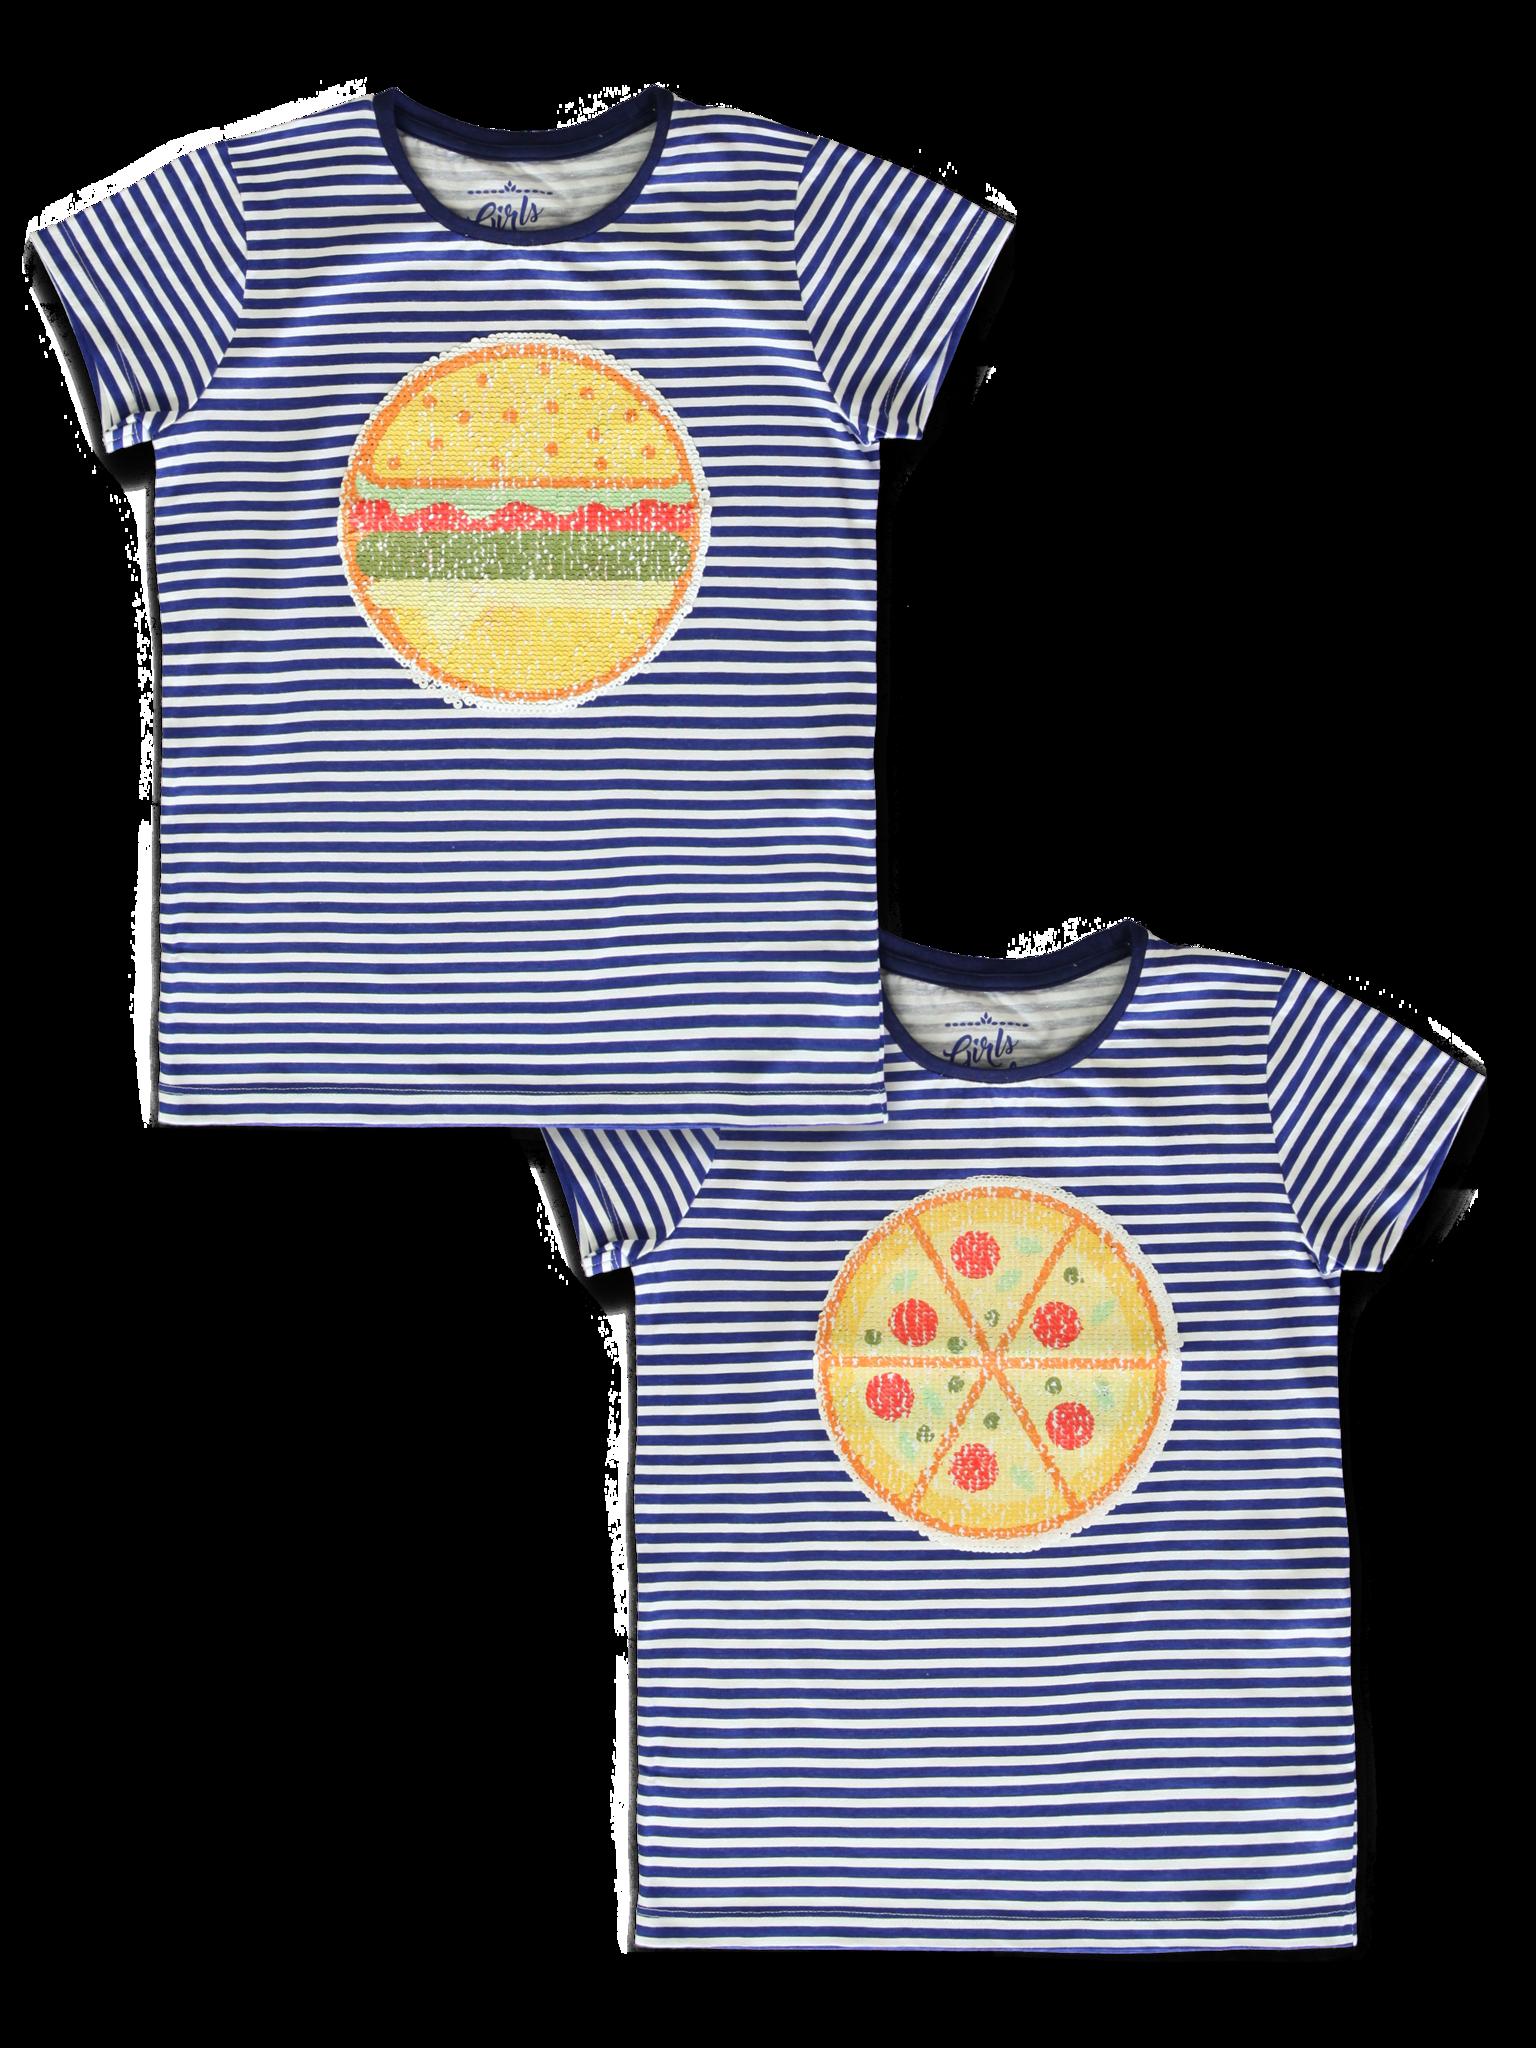 All Brands | Summerproducts Teen Girls | T-shirt | 12 pcs/box